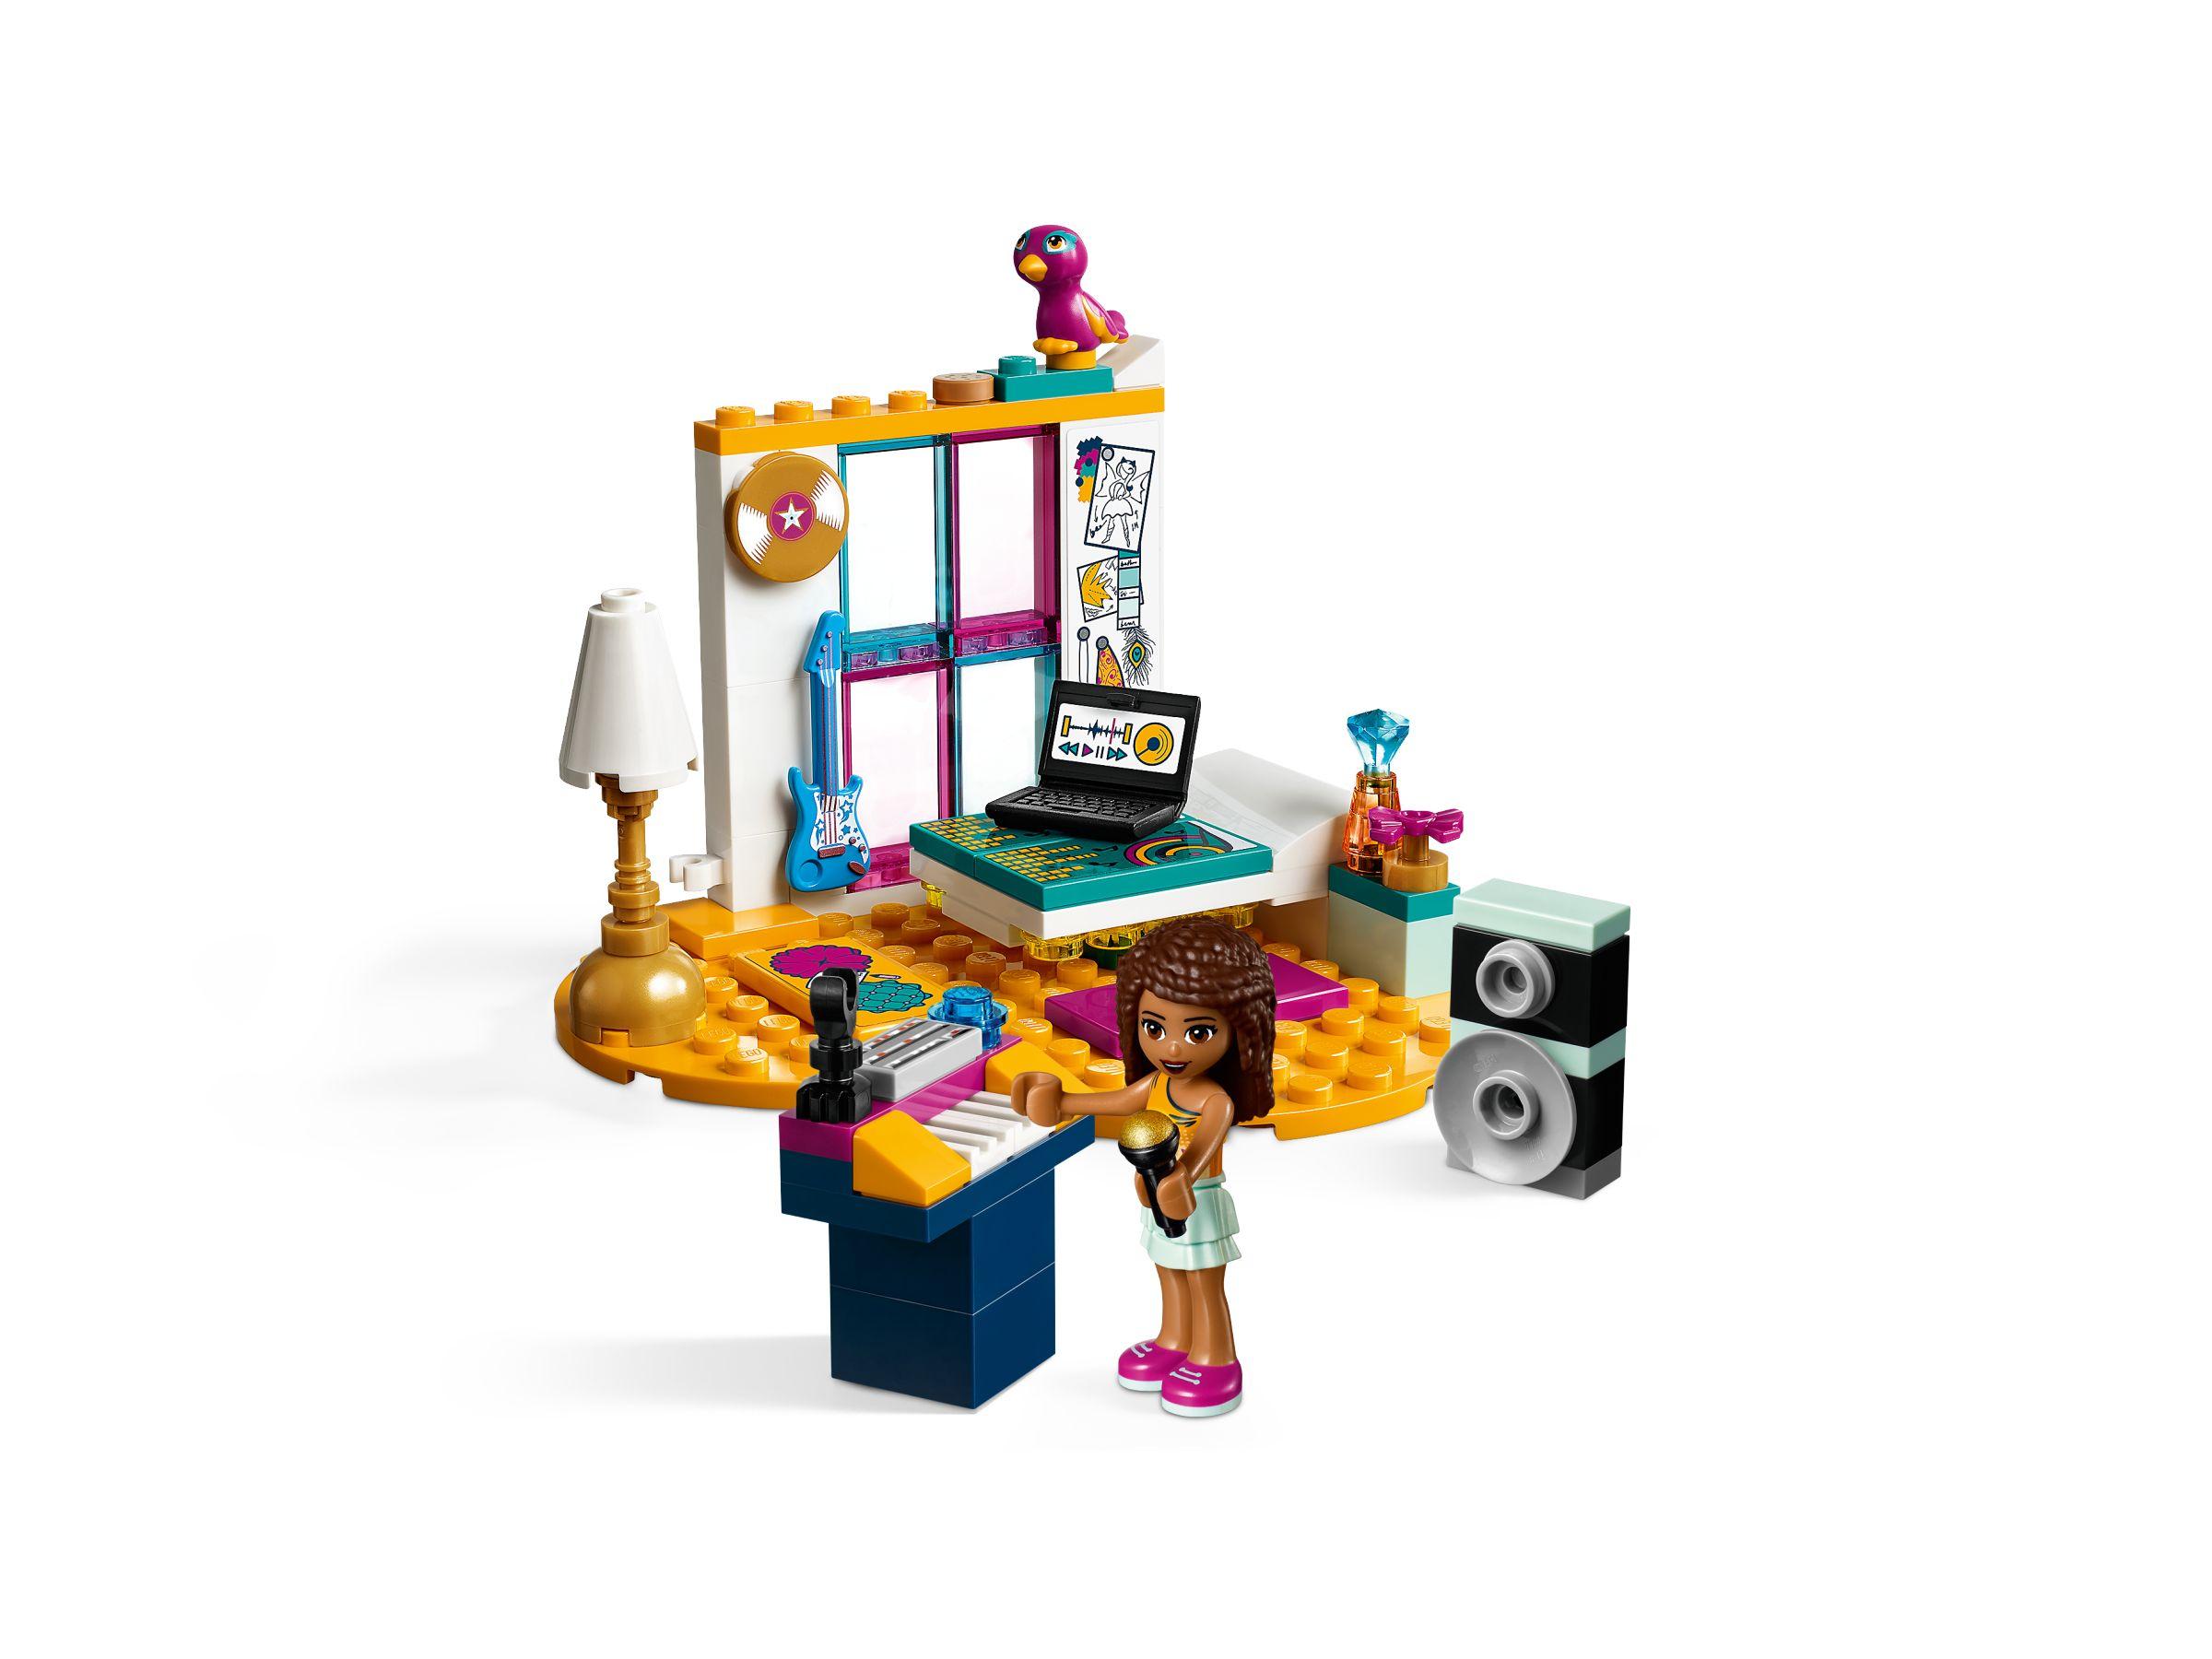 Lampada Lego Cuore : Lego friends u la cameretta di andrea